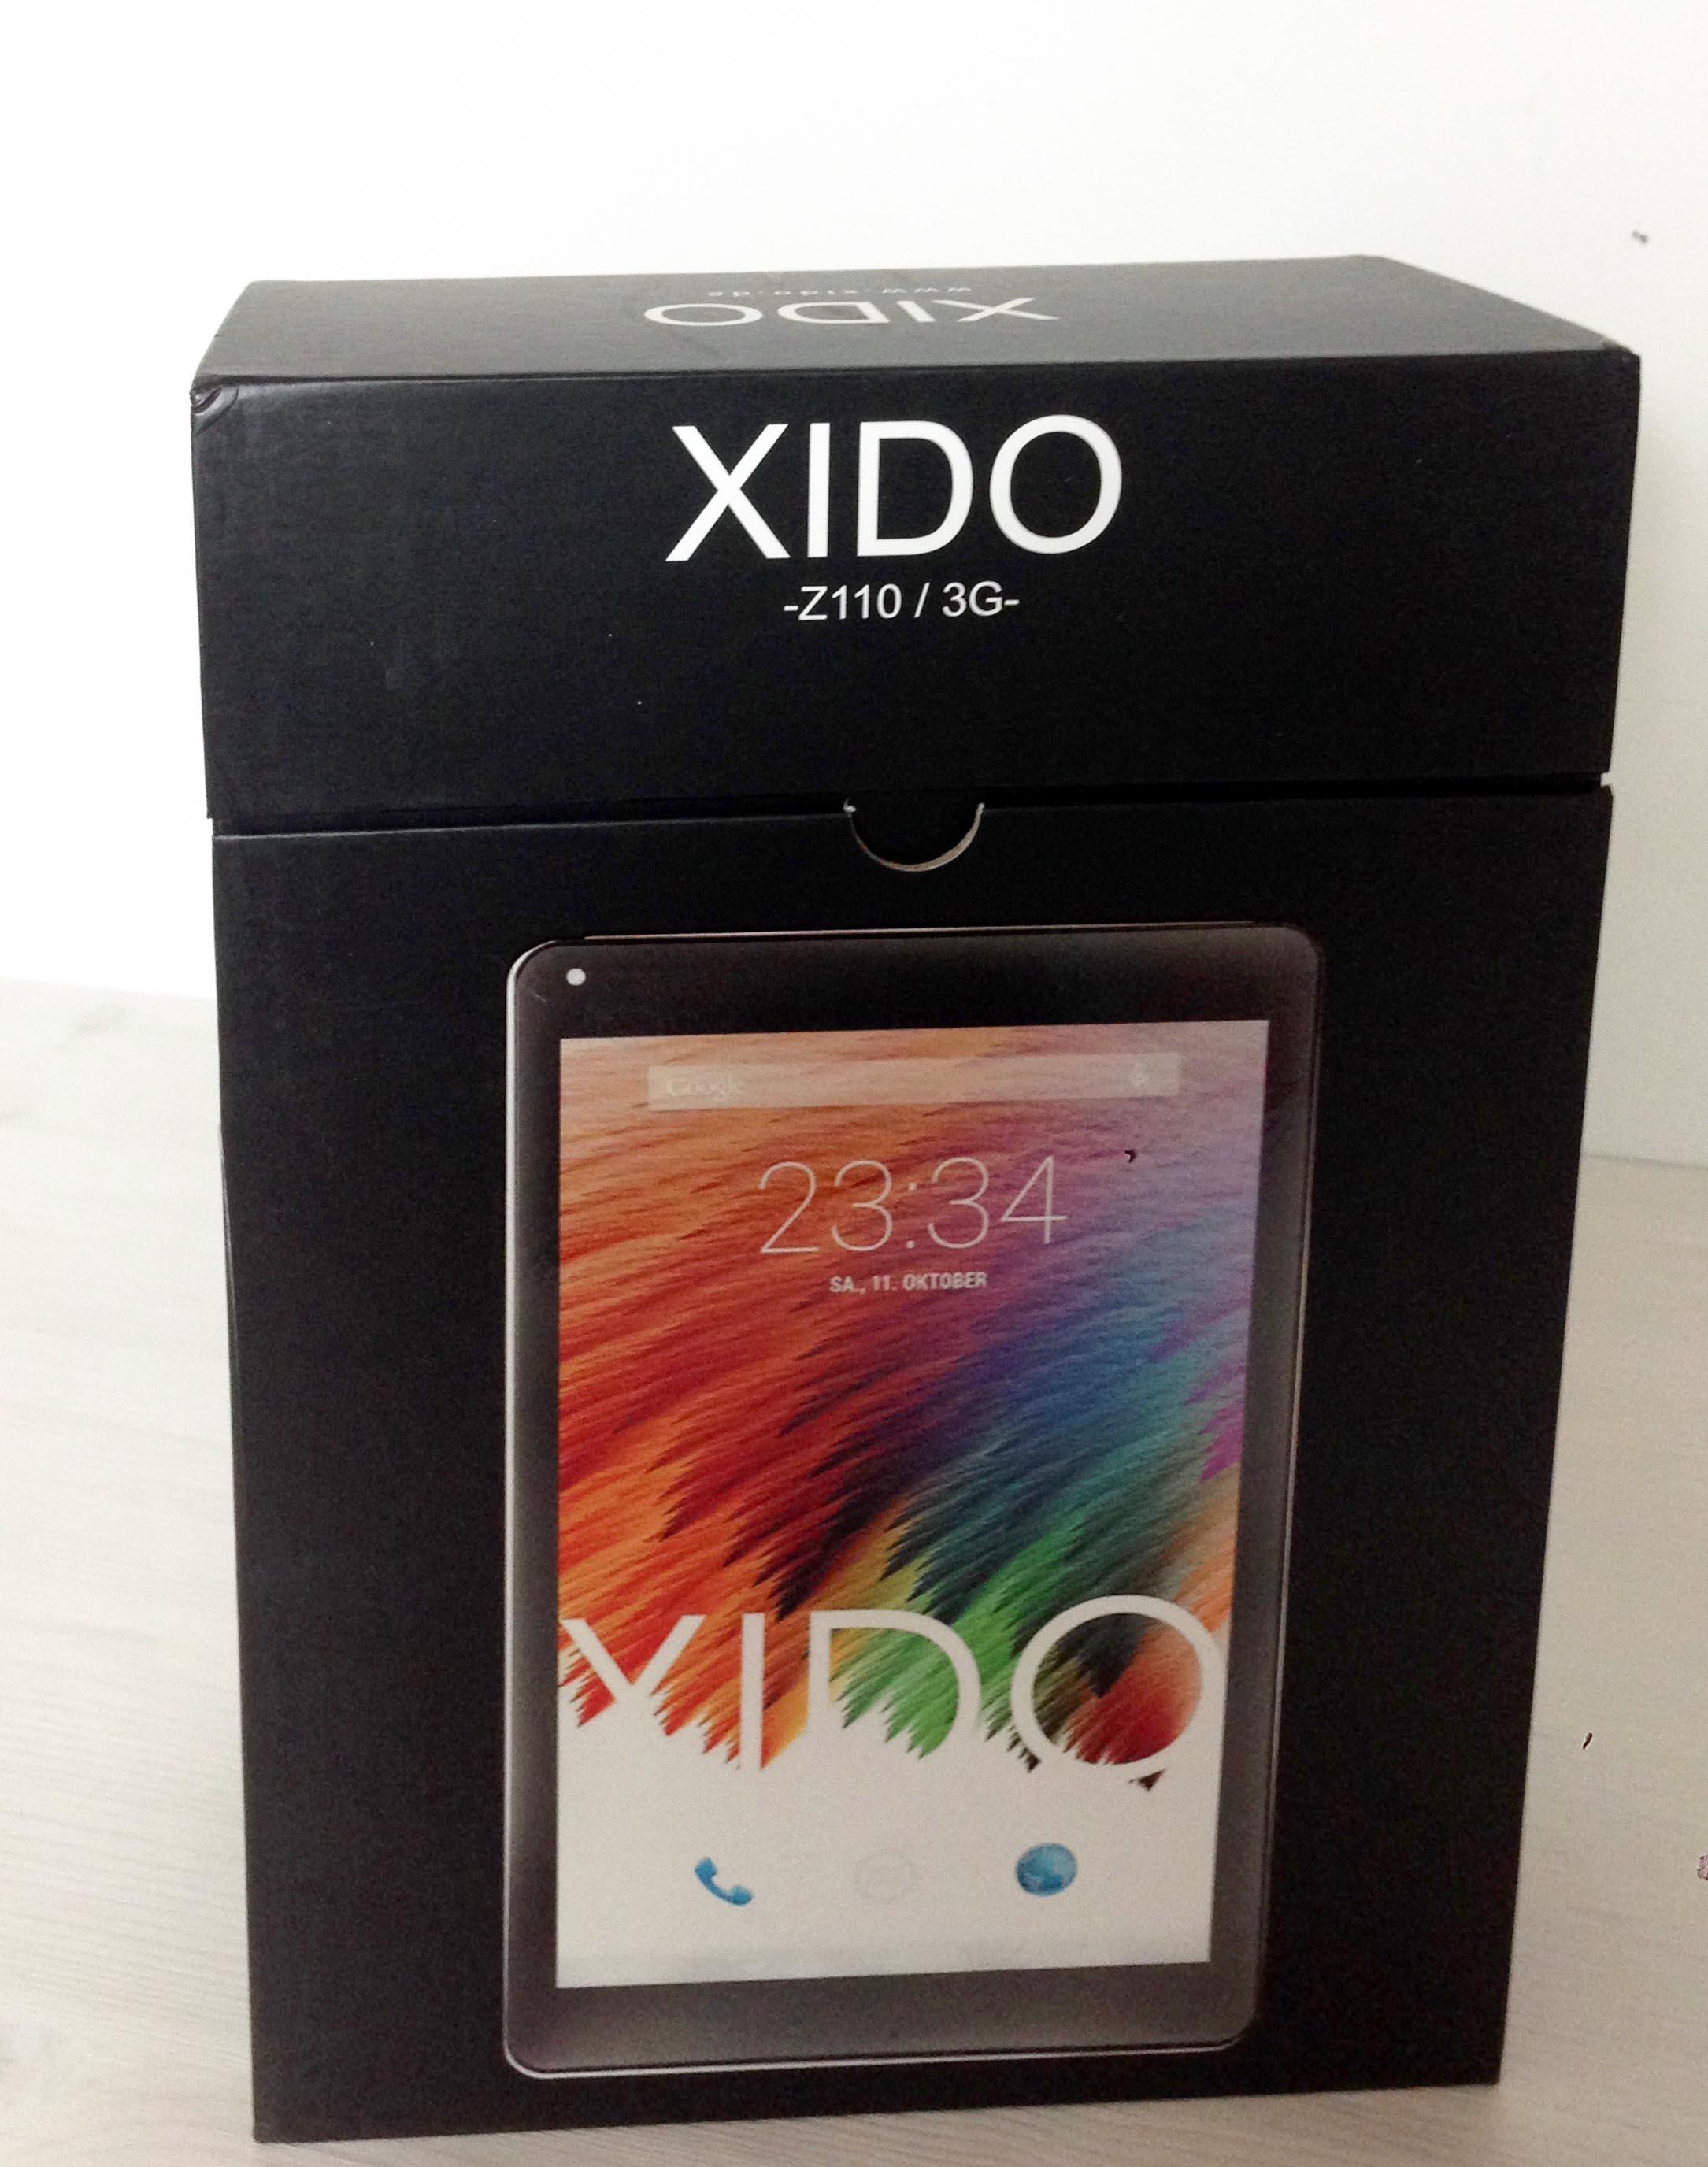 XIDO Z110/36 (1 von 8)